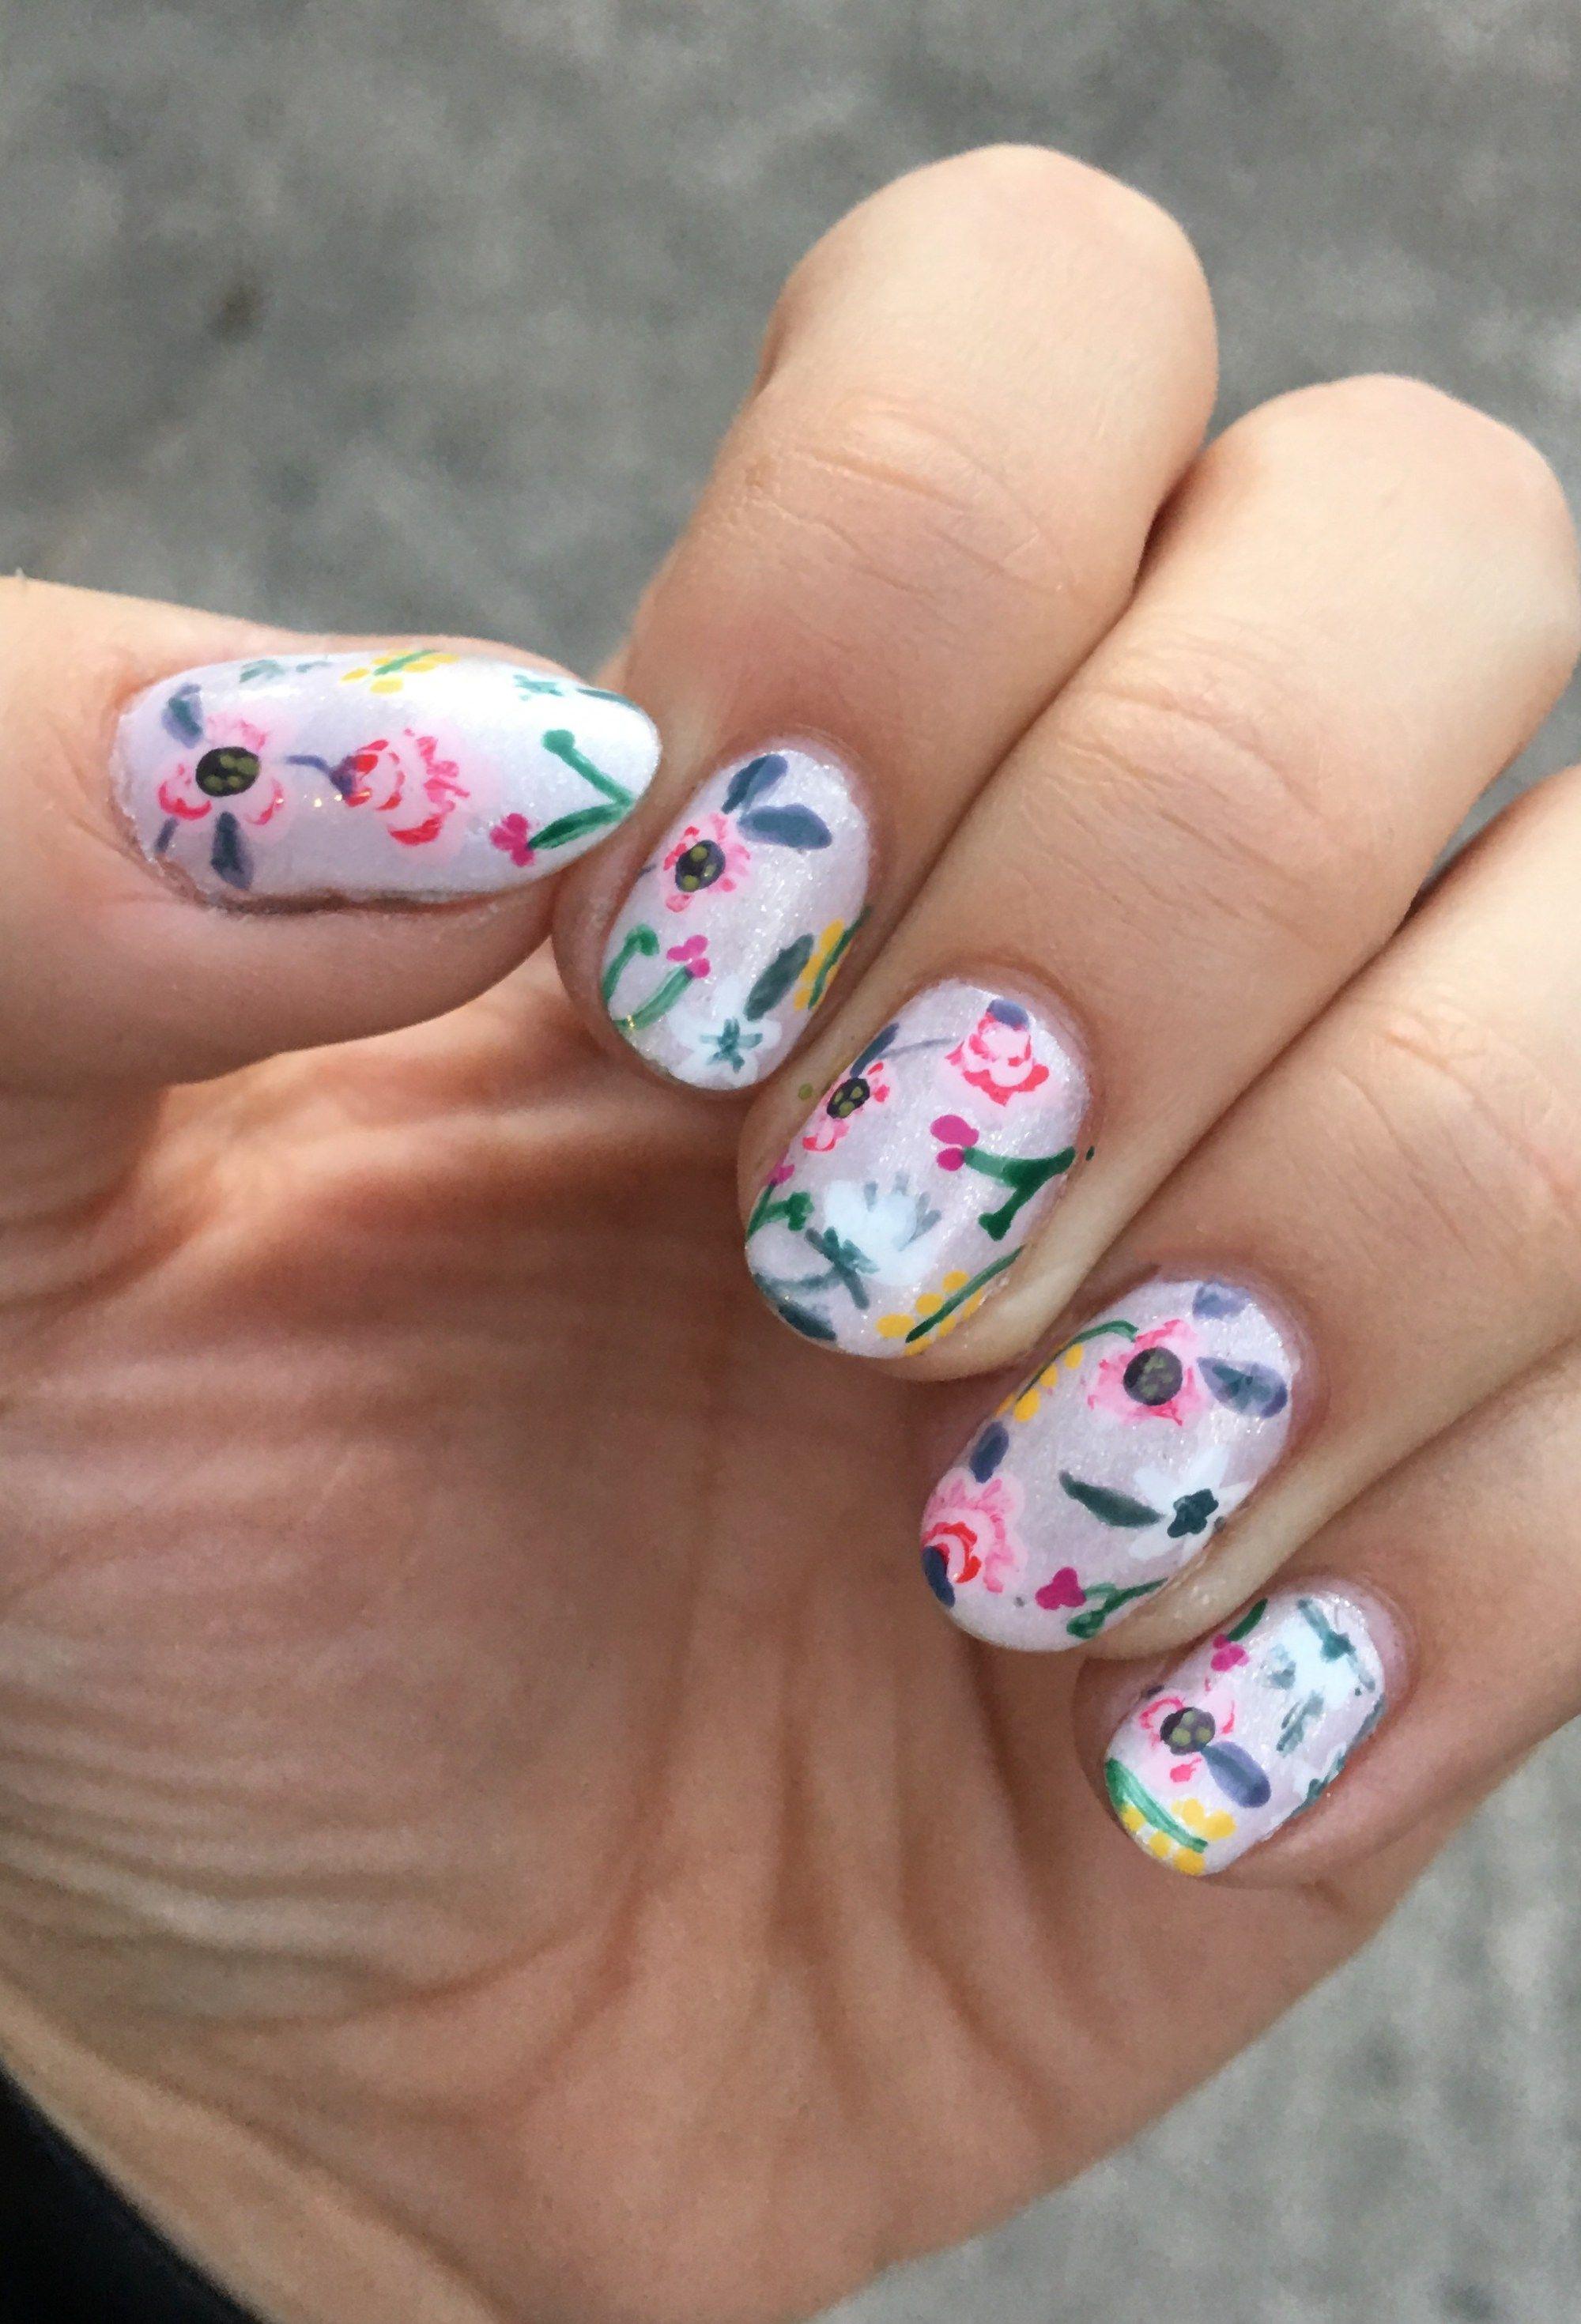 Spring floral nail art real nails hand painted nail art nail